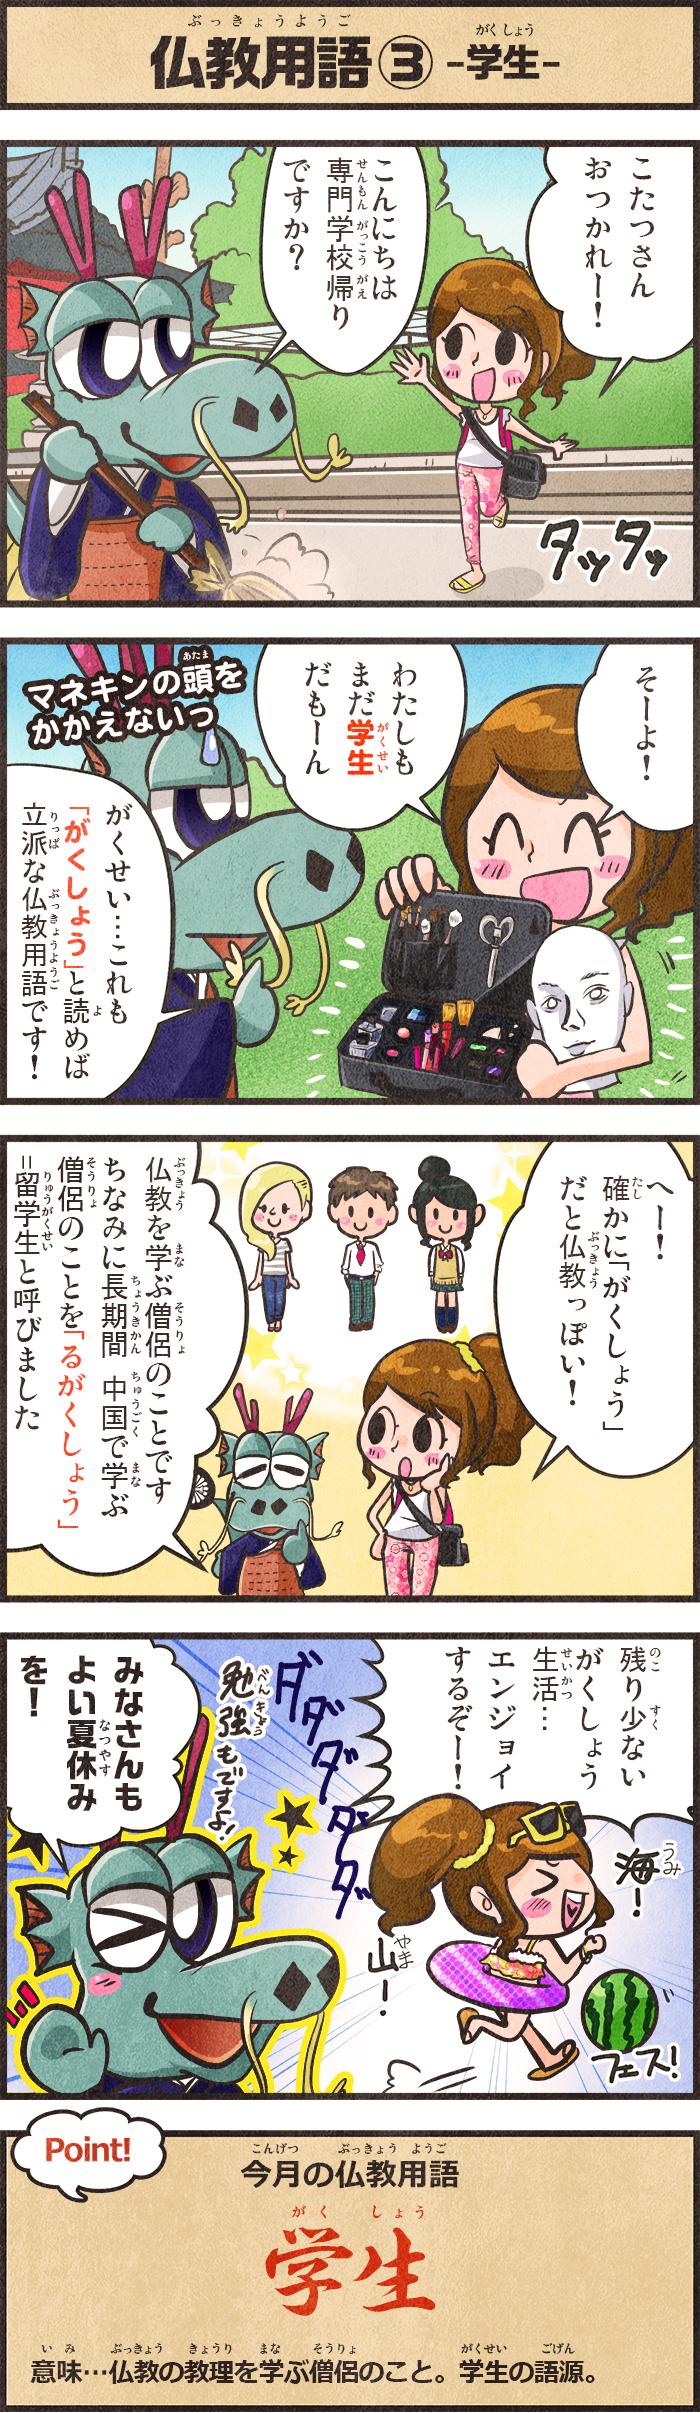 170801_kotatsu_4koma_20